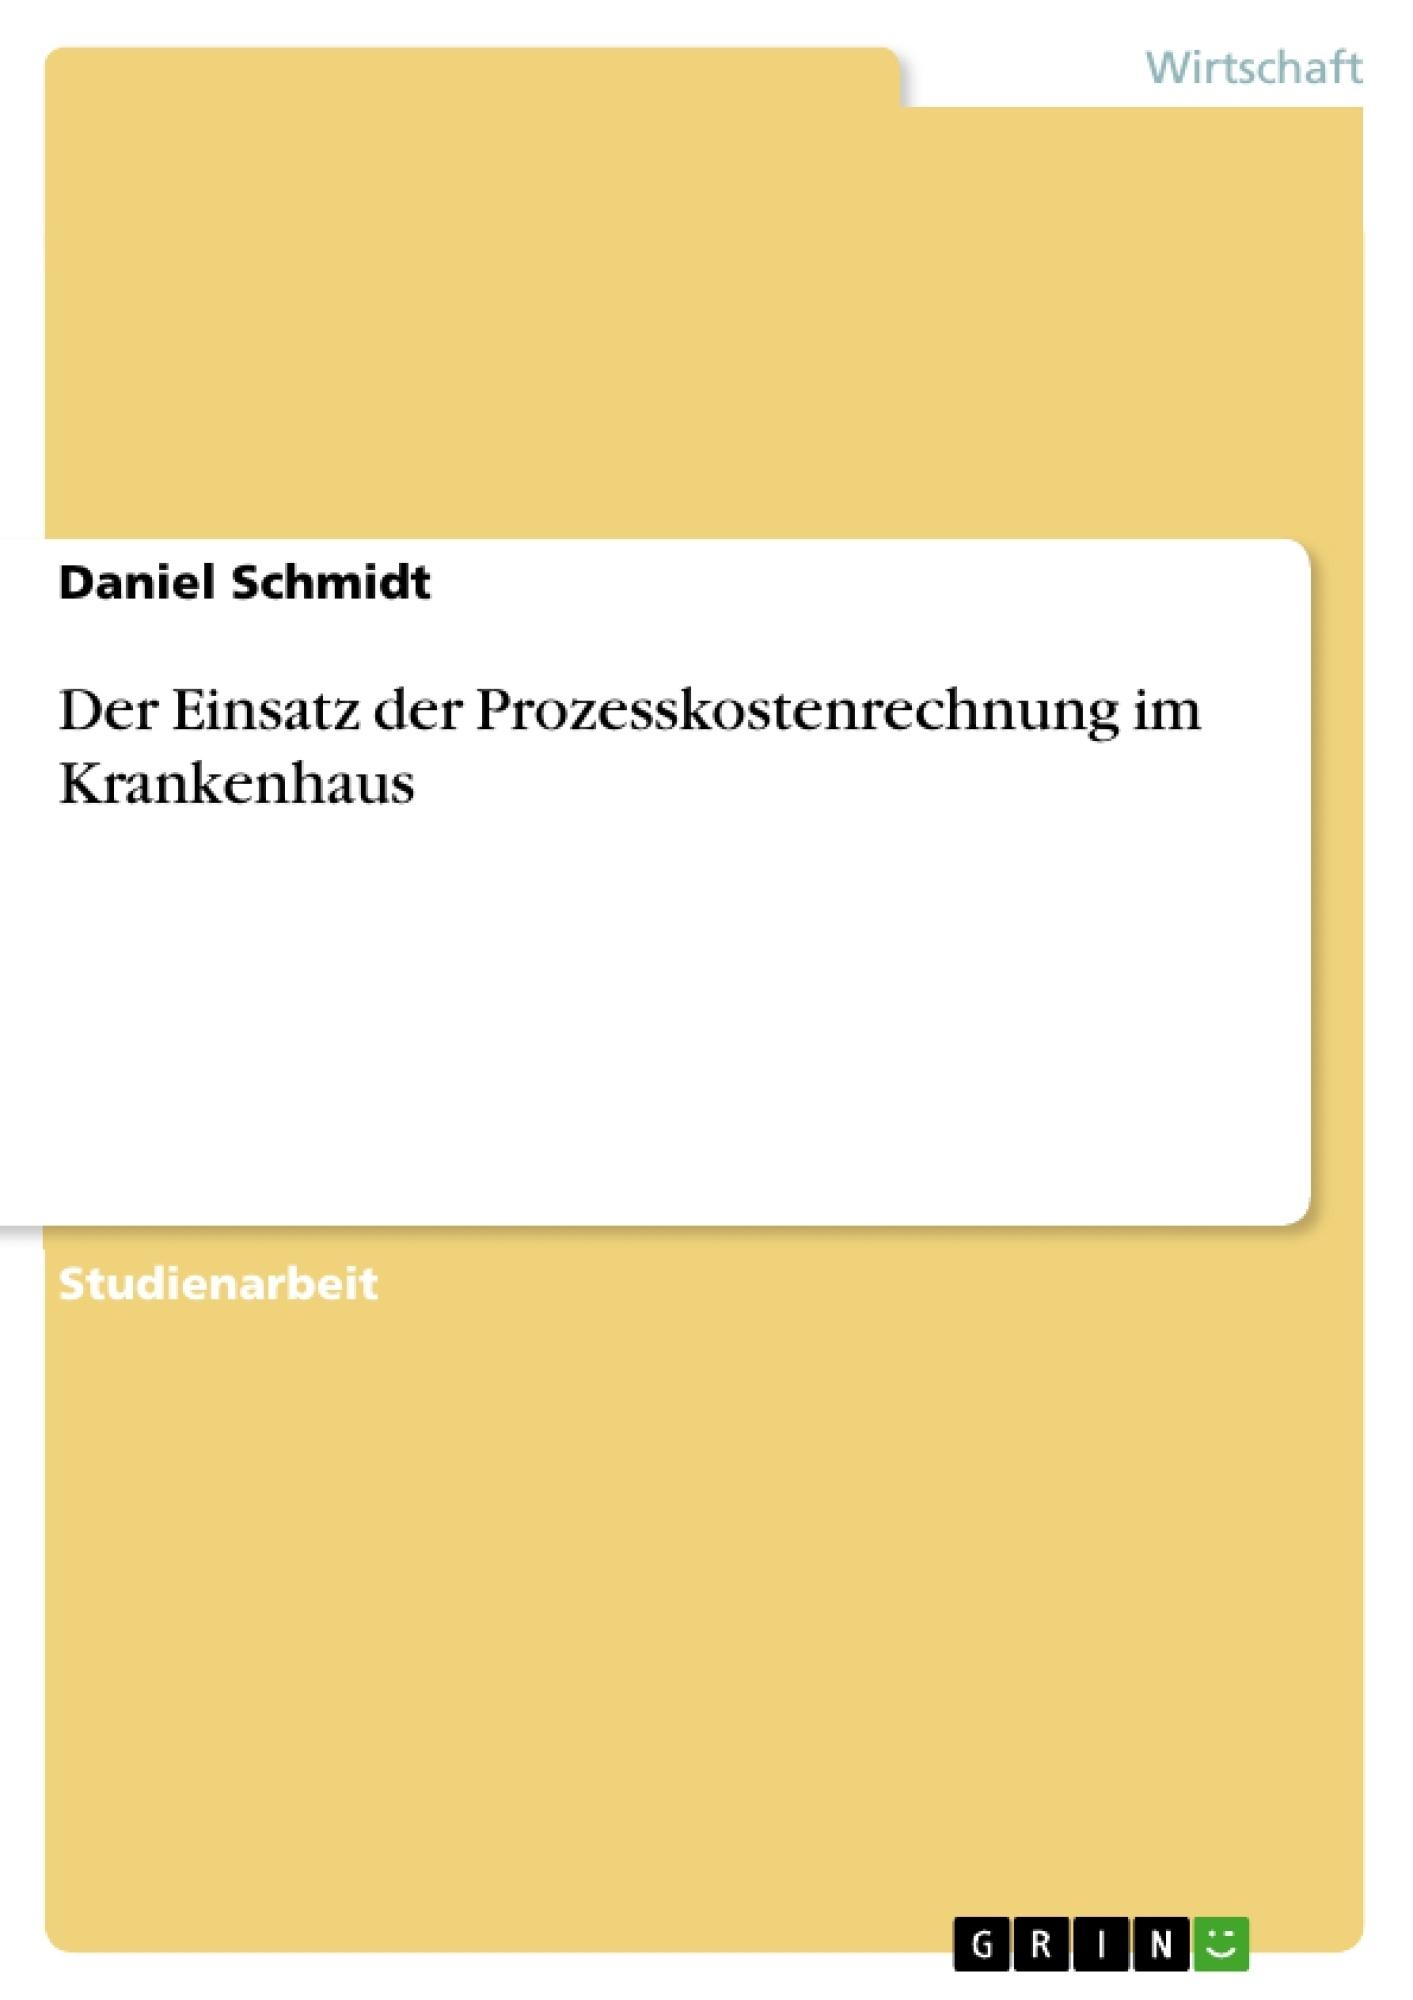 Titel: Der Einsatz der Prozesskostenrechnung im Krankenhaus